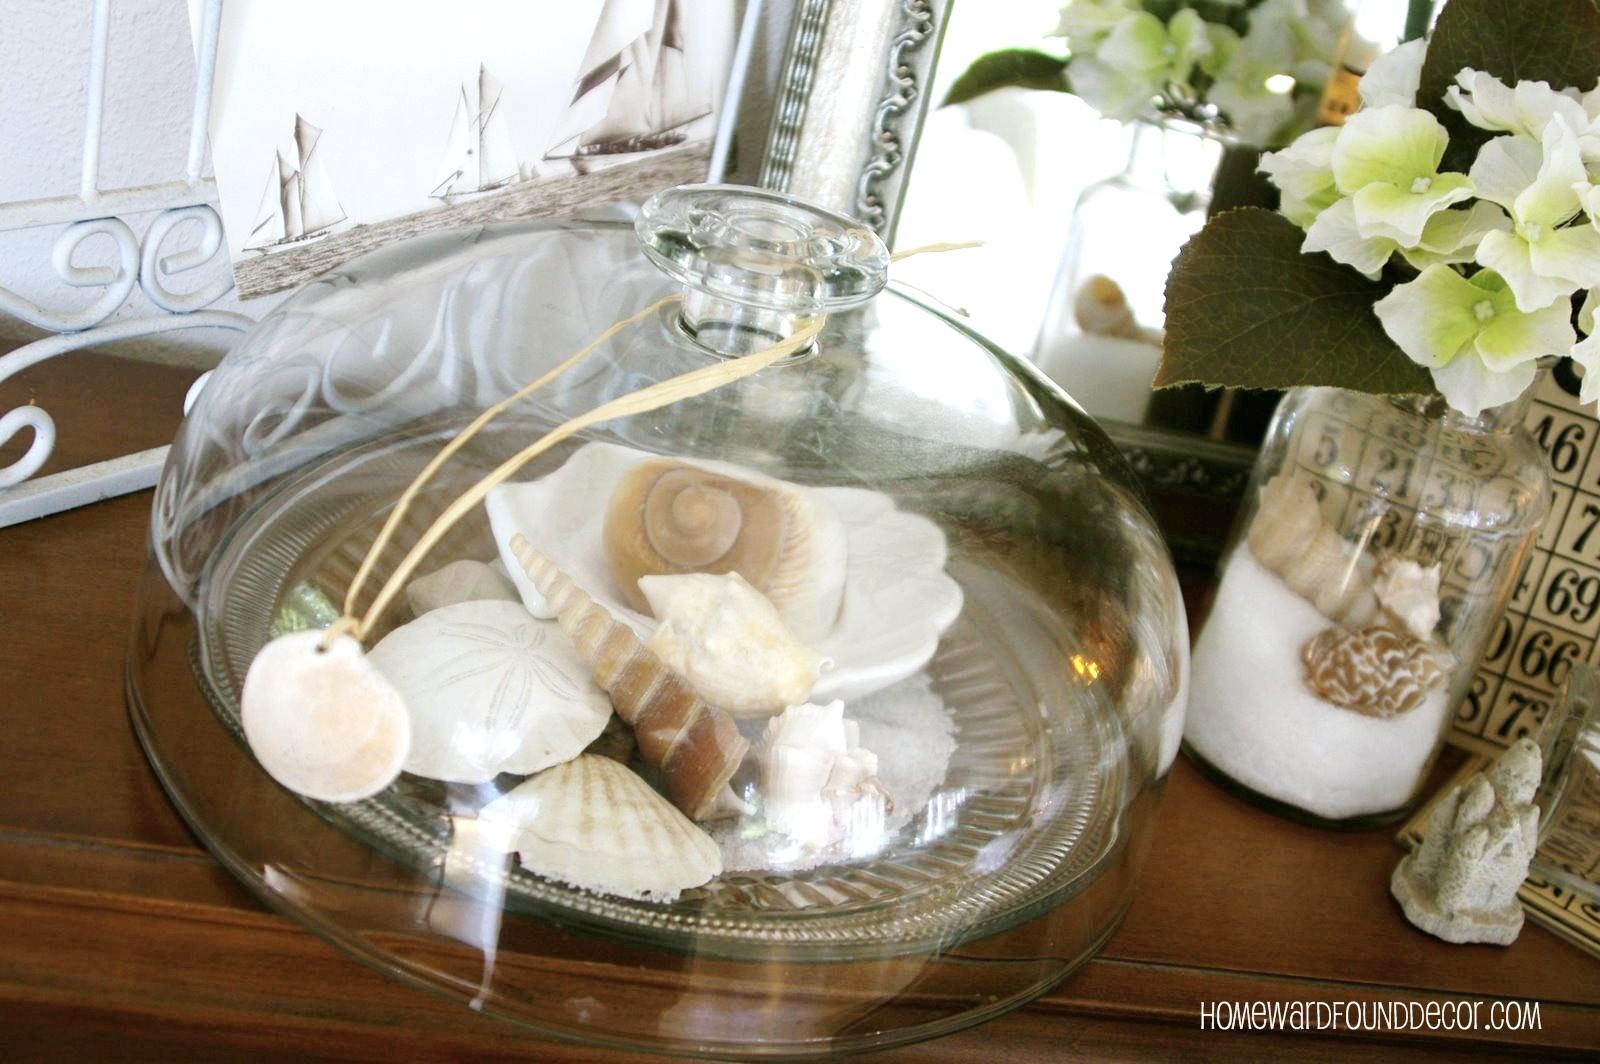 5 Ideas For Seashell Displays Homewardfound Decor